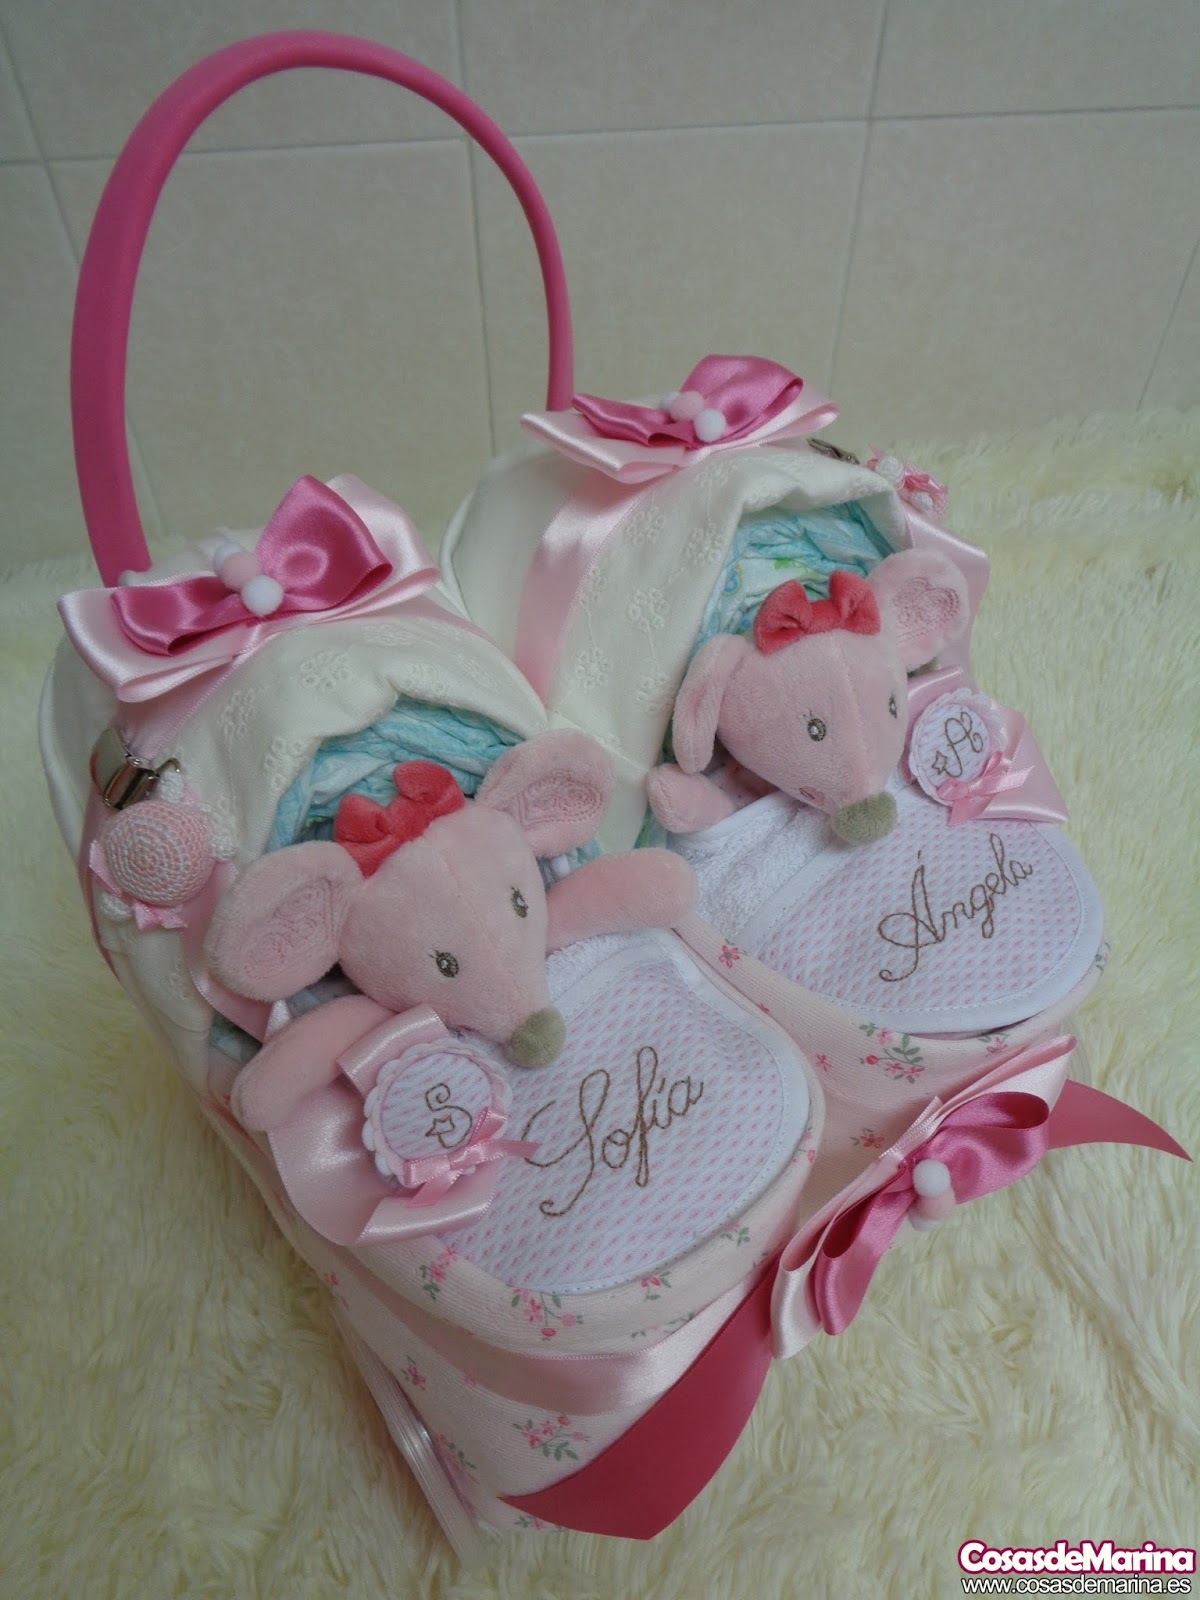 4810f5006573 CosasdeMarina | Regalos con pañales, detalles para bebes: Cochecito ...